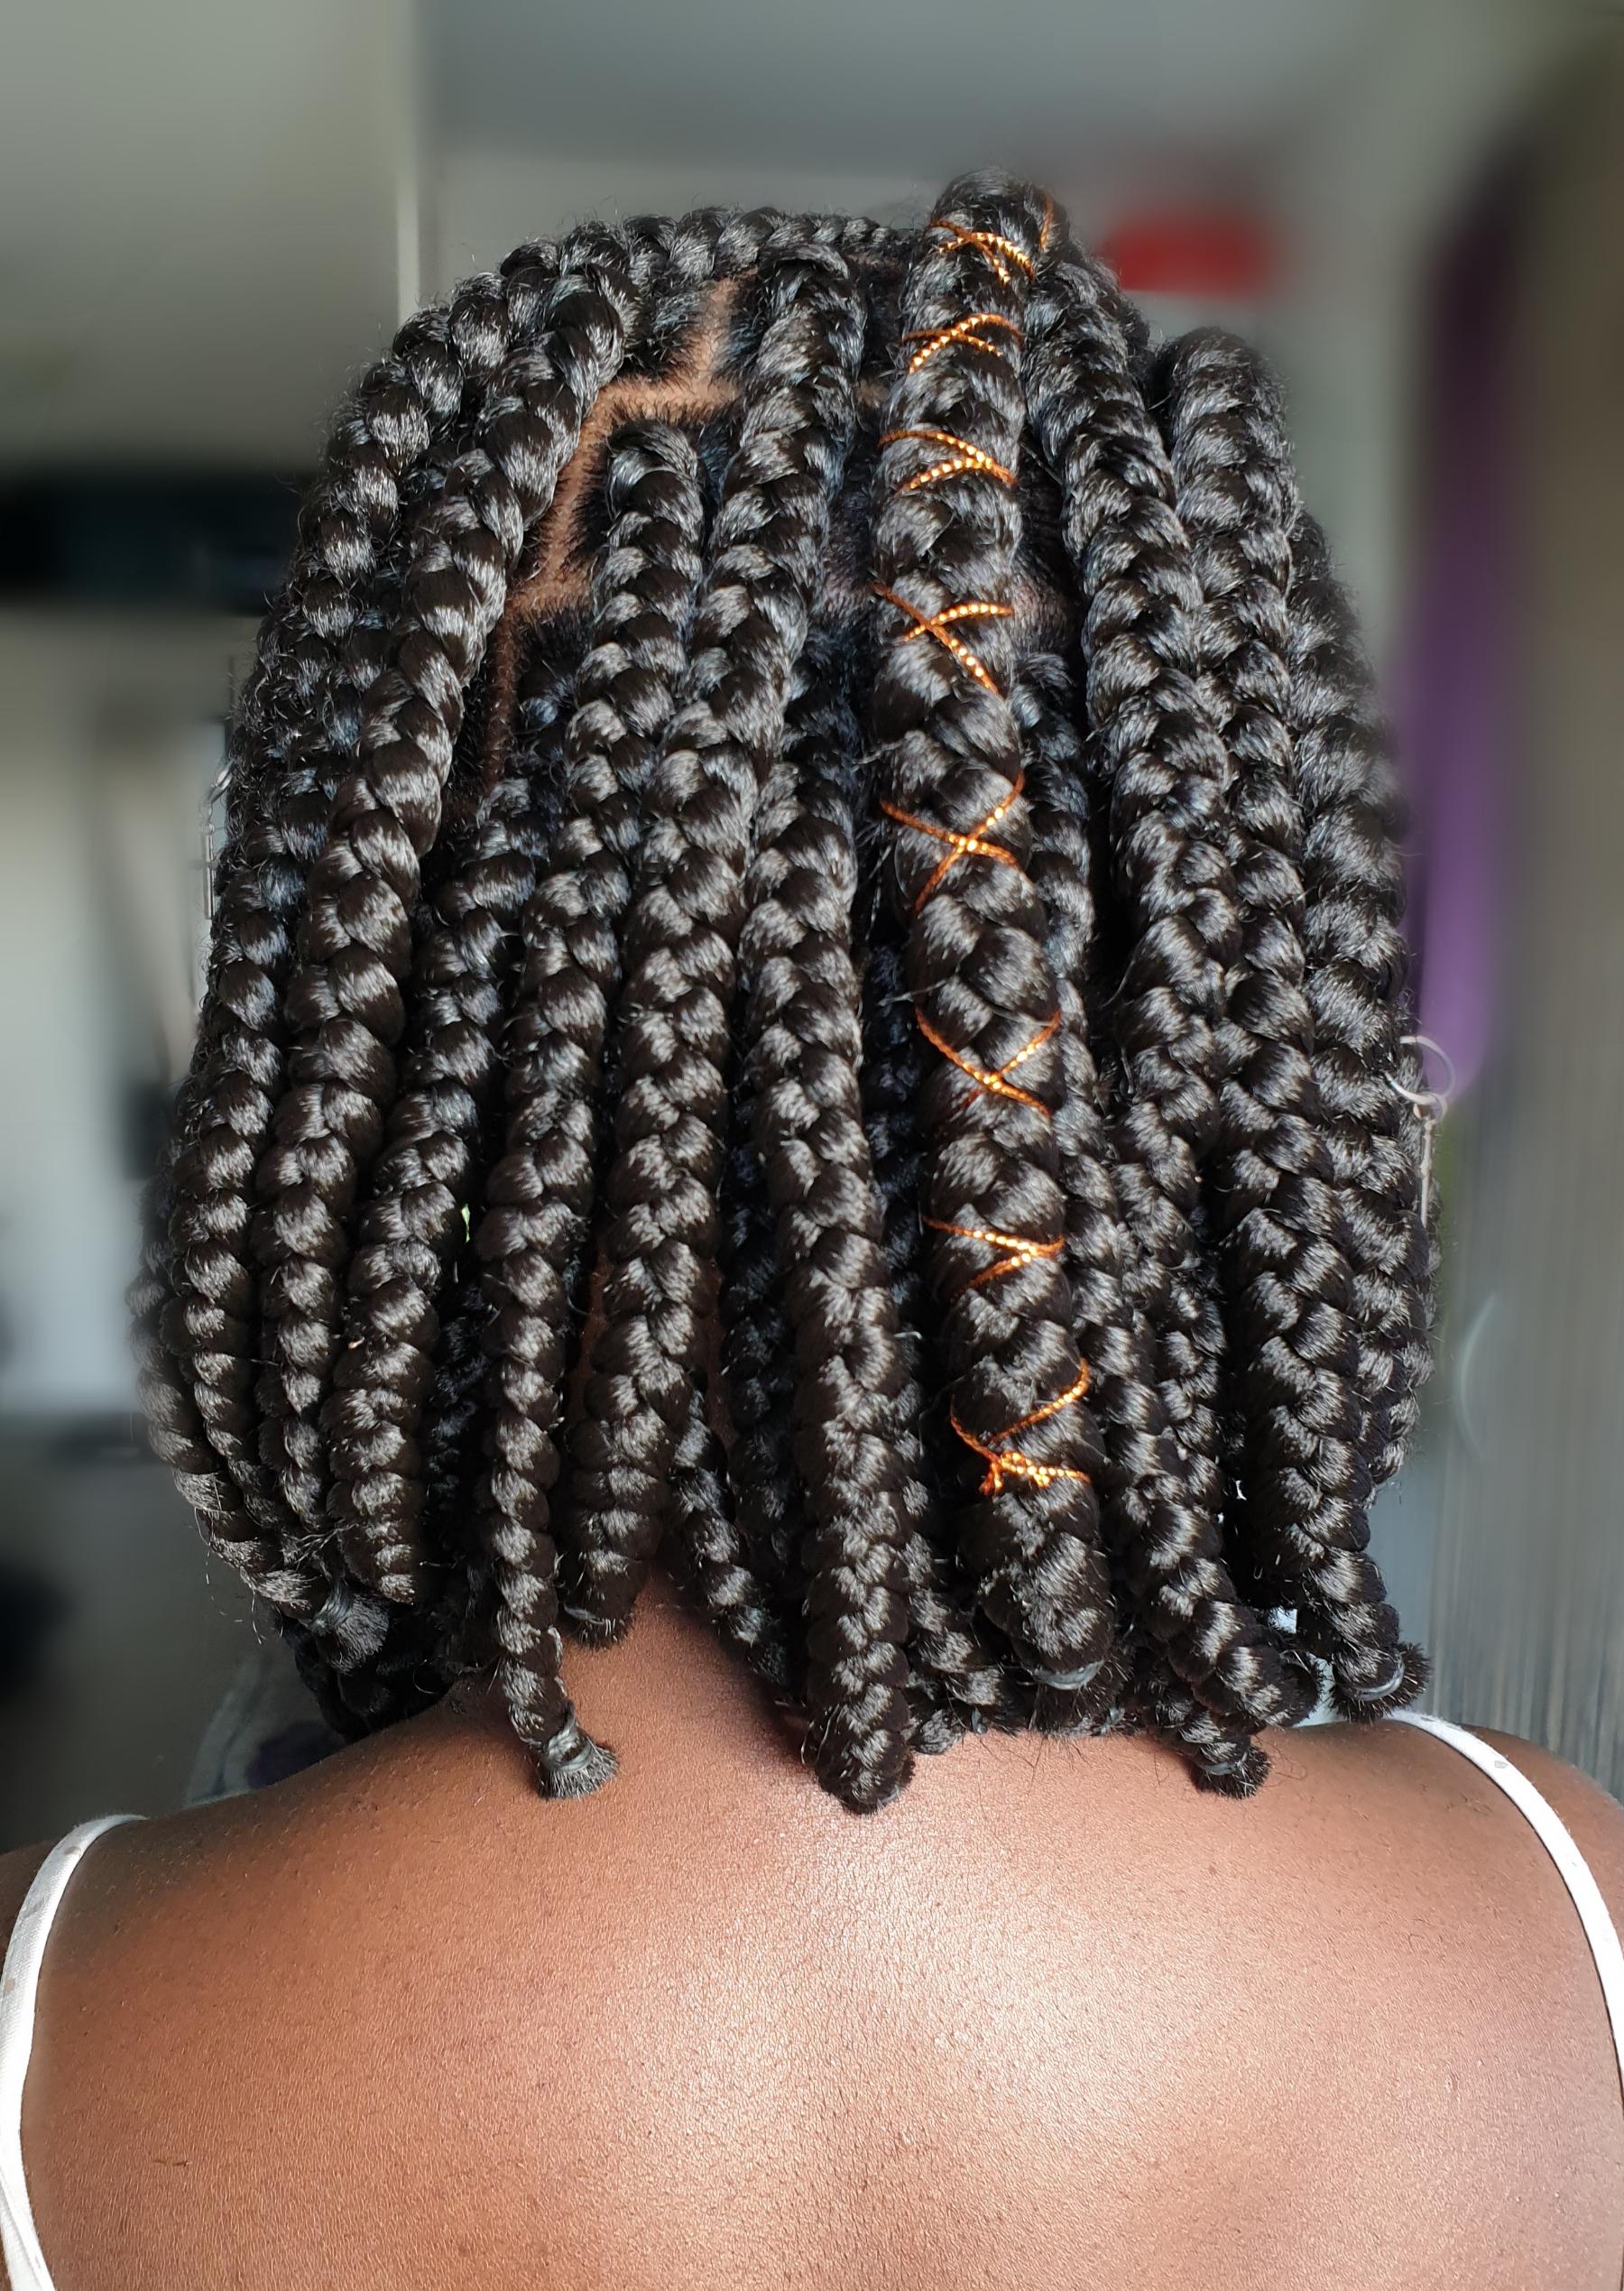 salon de coiffure afro tresse tresses box braids crochet braids vanilles tissages paris 75 77 78 91 92 93 94 95 JTCCHQIH